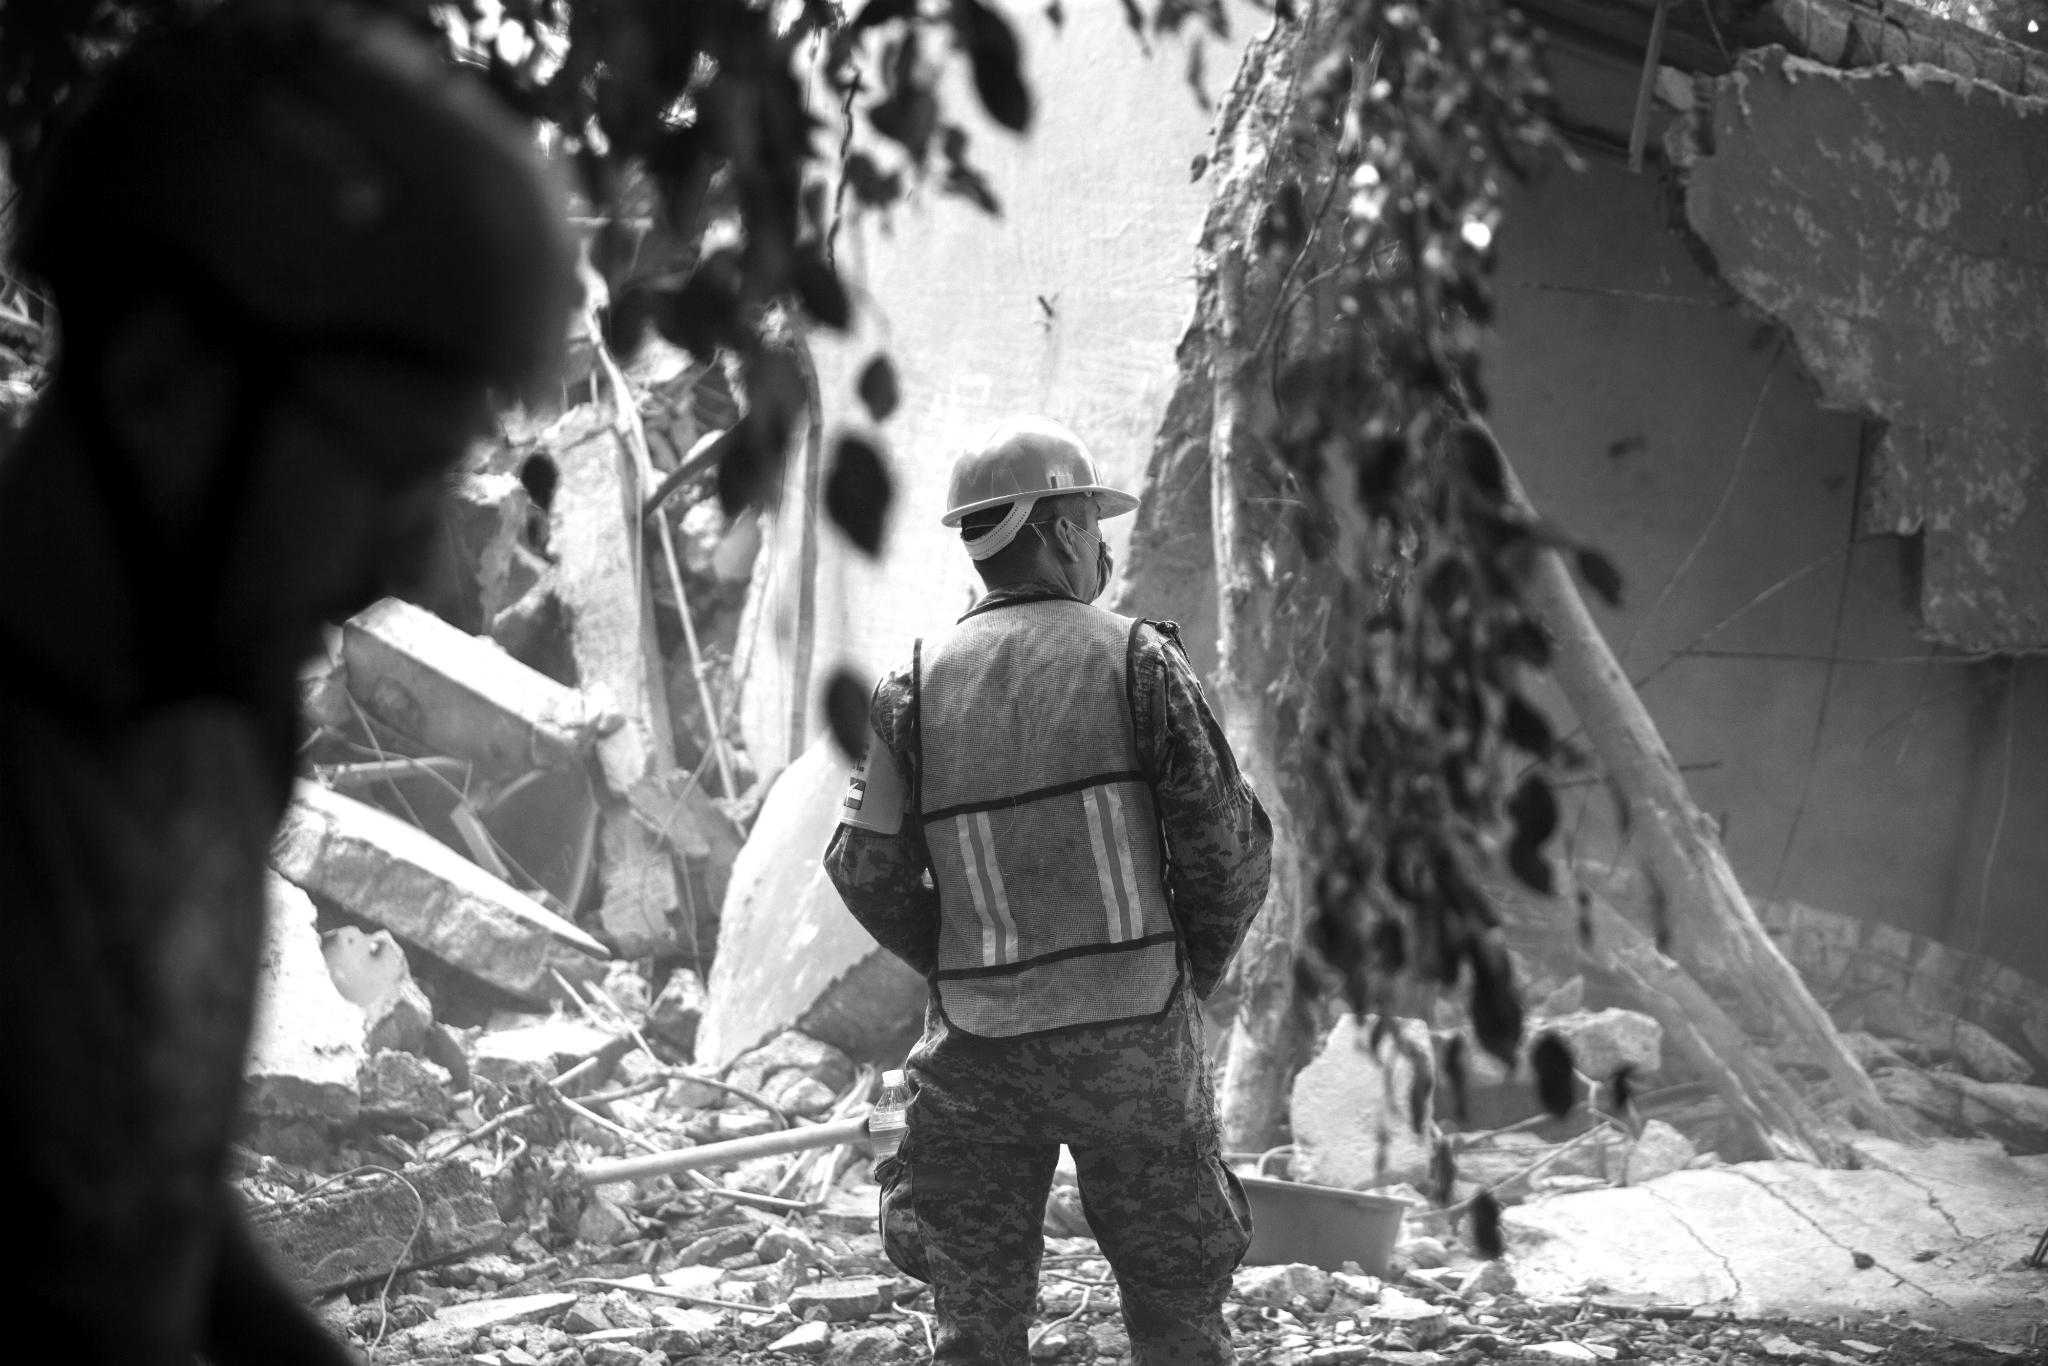 Los héroes del chaleco fosforescente: crónica del sismo del 19 de septiembre en la CDMX